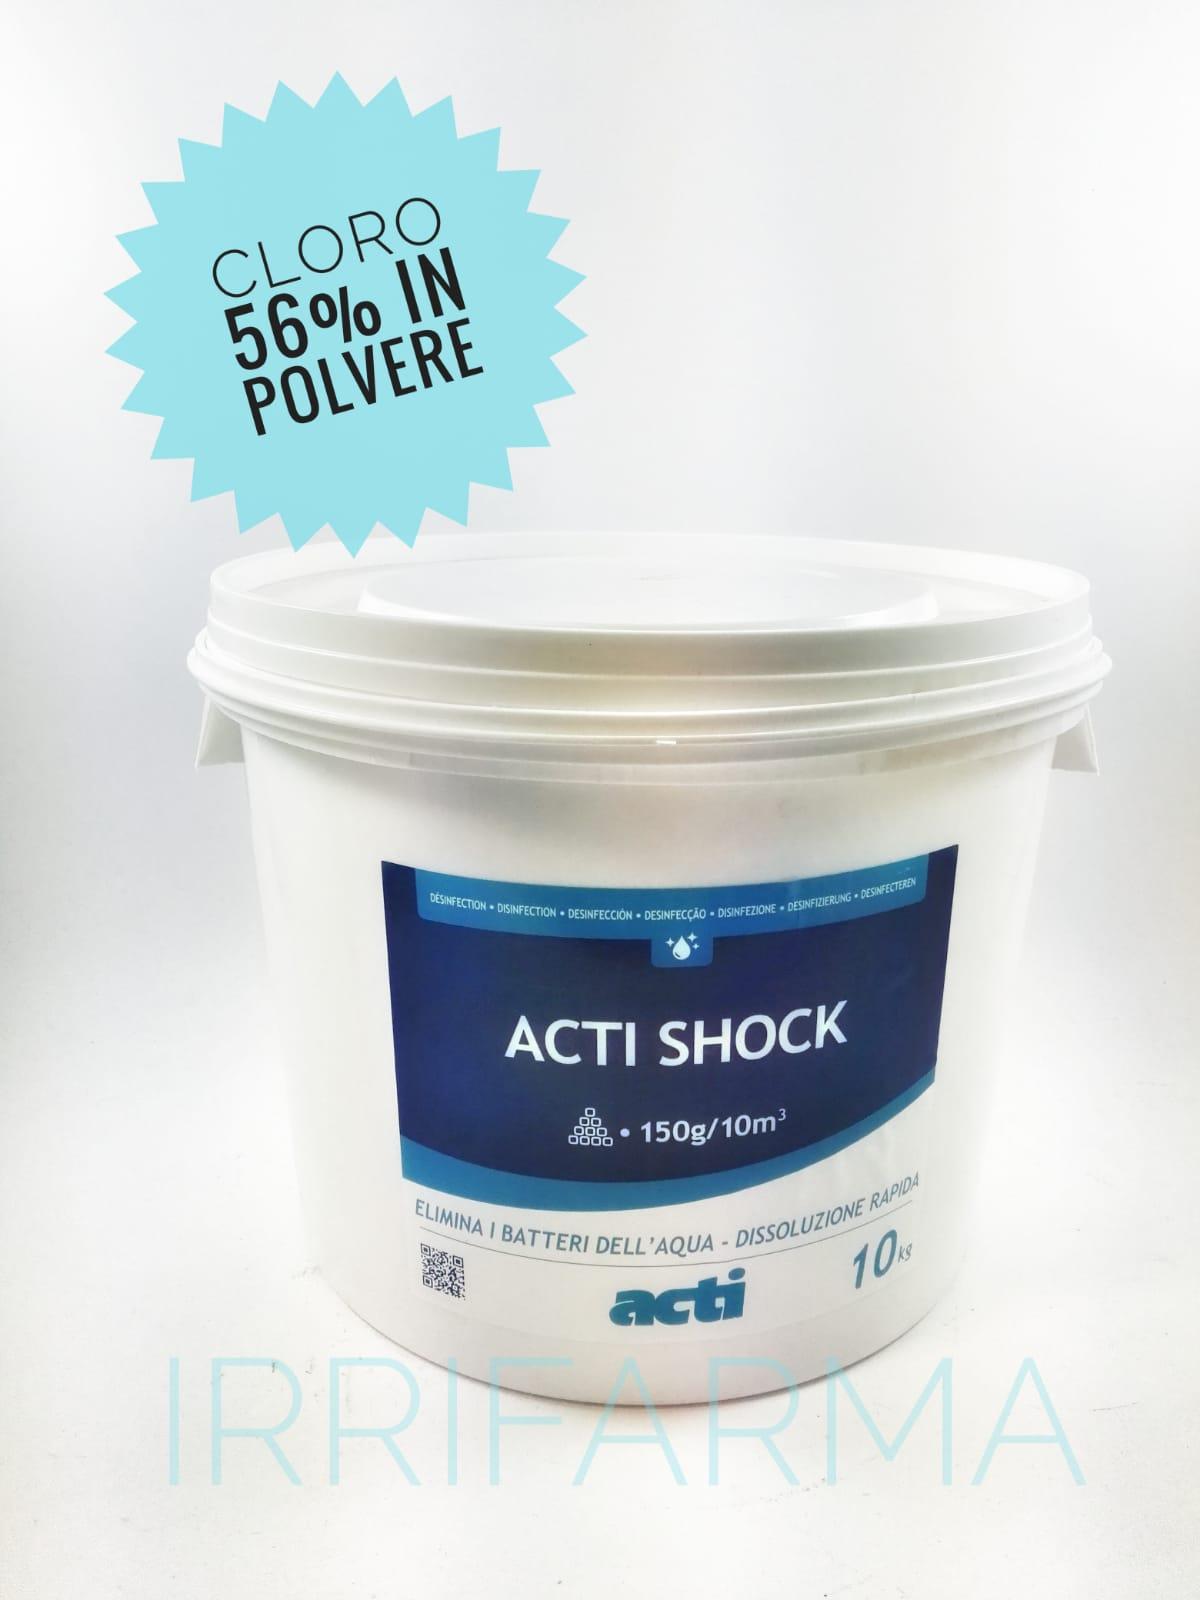 Cloro per piscine 10 kg dicloro granulare 56 in polvere for Cloro per piscine